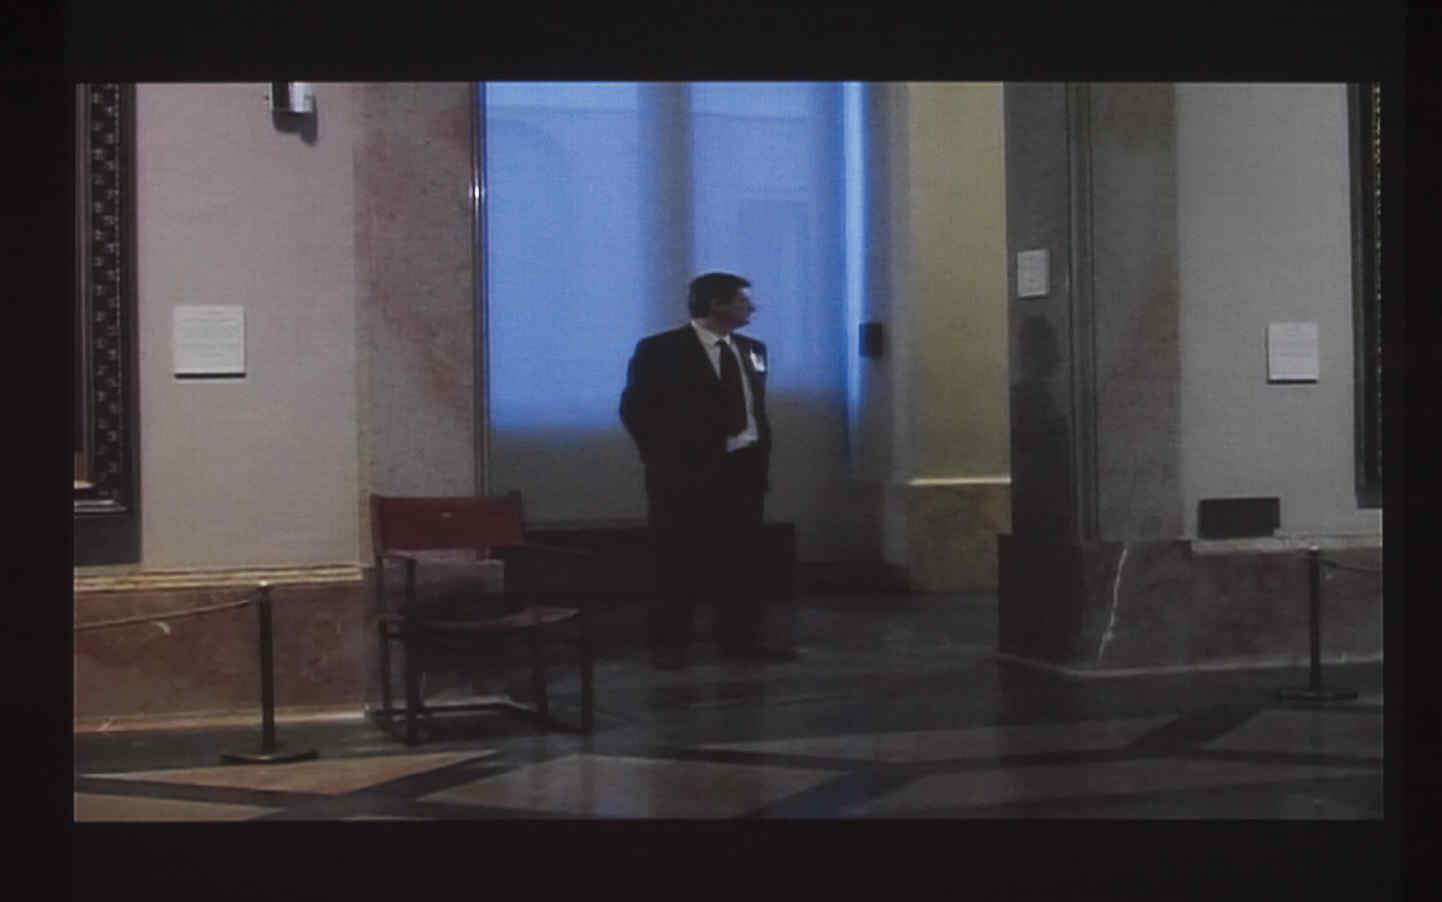 Aportación de vigilancia al Museo del Prado. Vigilar al vigilante de la sala 39